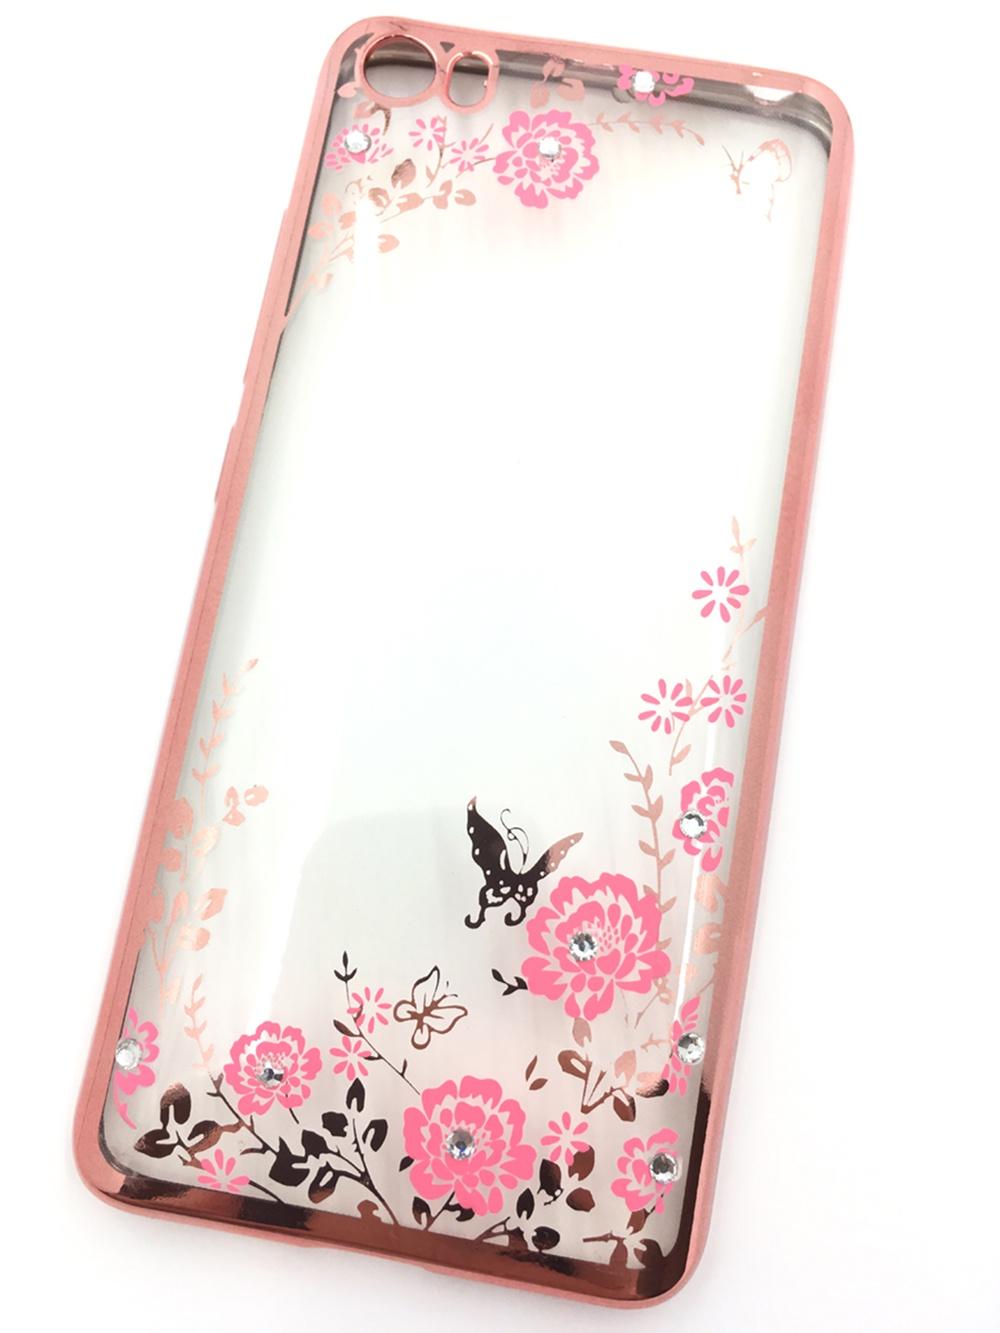 Чехол для сотового телефона Мобильная мода Xiaomi Mi5 Силиконовая, прозрачная накладка со стразами, 6 349R, розовый